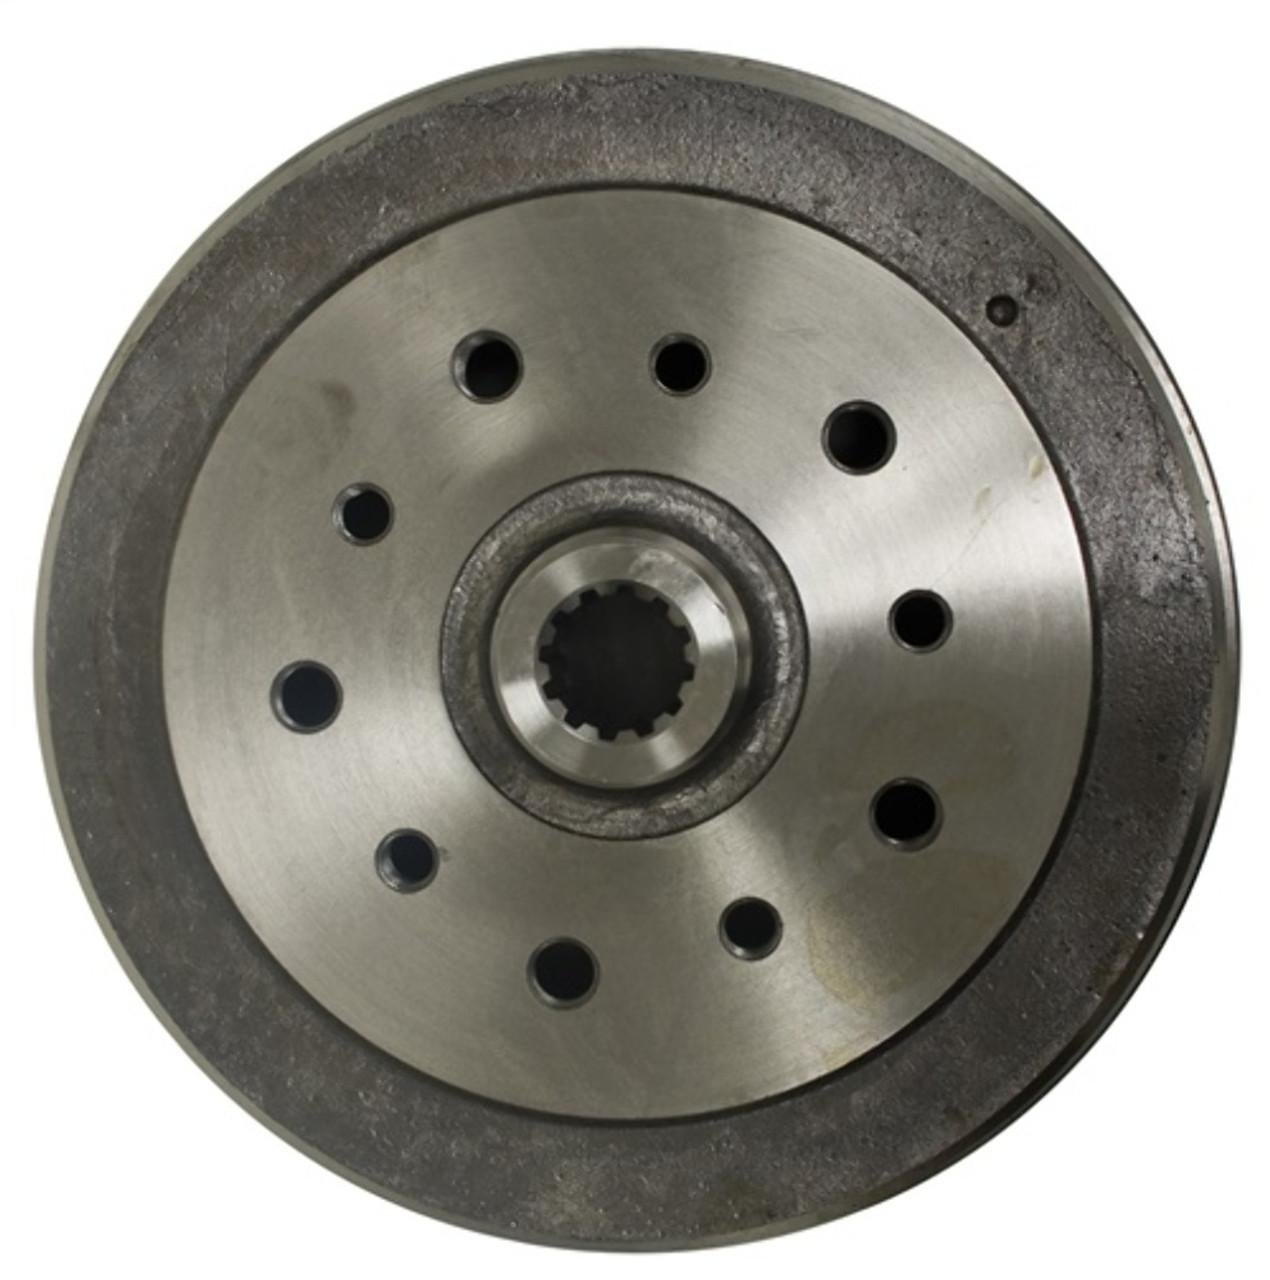 98-5002-7 Rear Brake Drum, Dual Drilled, Porsche & Chevy PCD To T-1 68-79, Ghia 68-74, Each